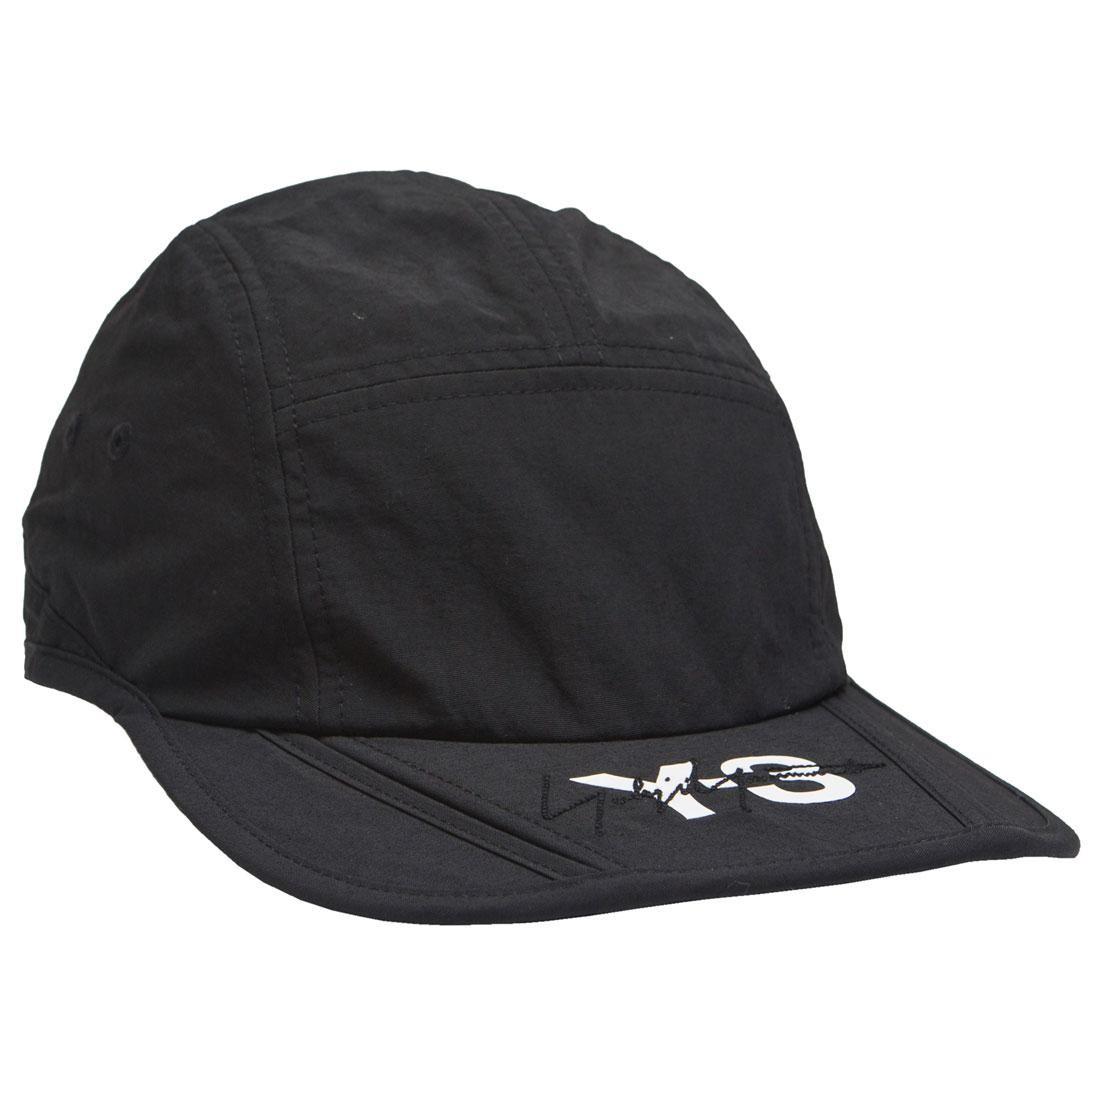 ed15af94a4f Adidas Y-3 Foldable Cap black